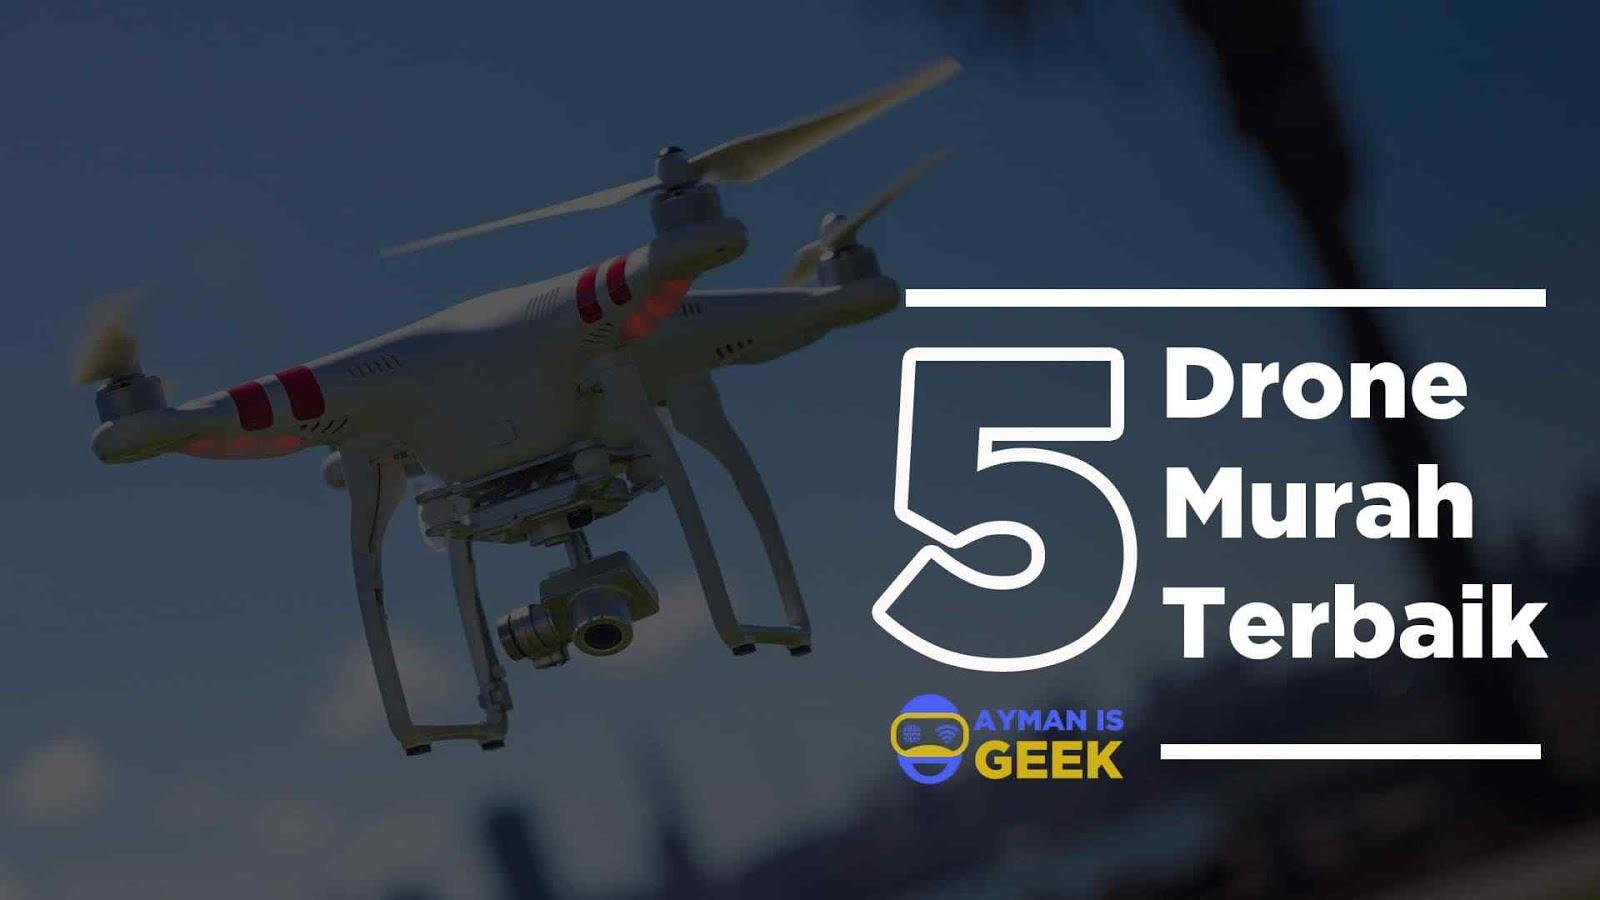 5 Drone Murah Terbaik dengan Kamera harga dibawah 1 jutaan